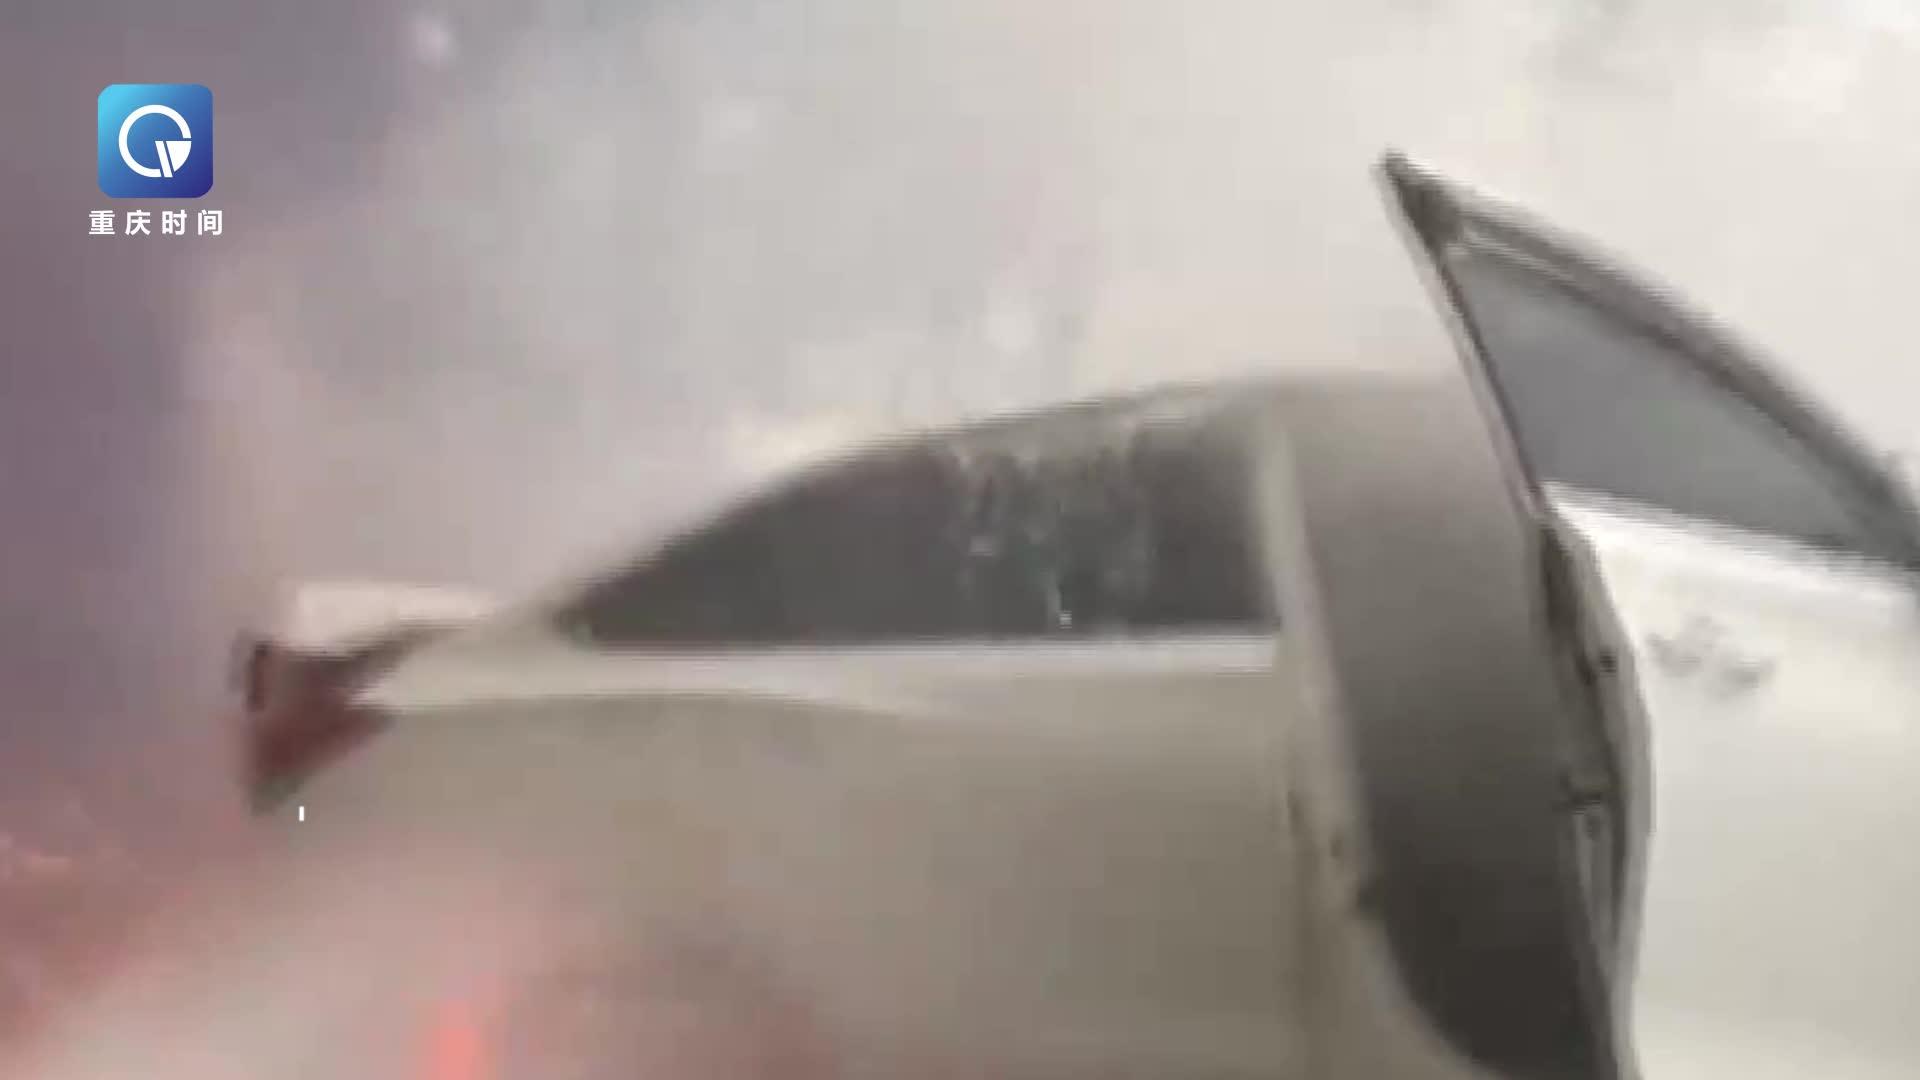 电动小轿车突然起火燃烧 并伴有小的爆炸声